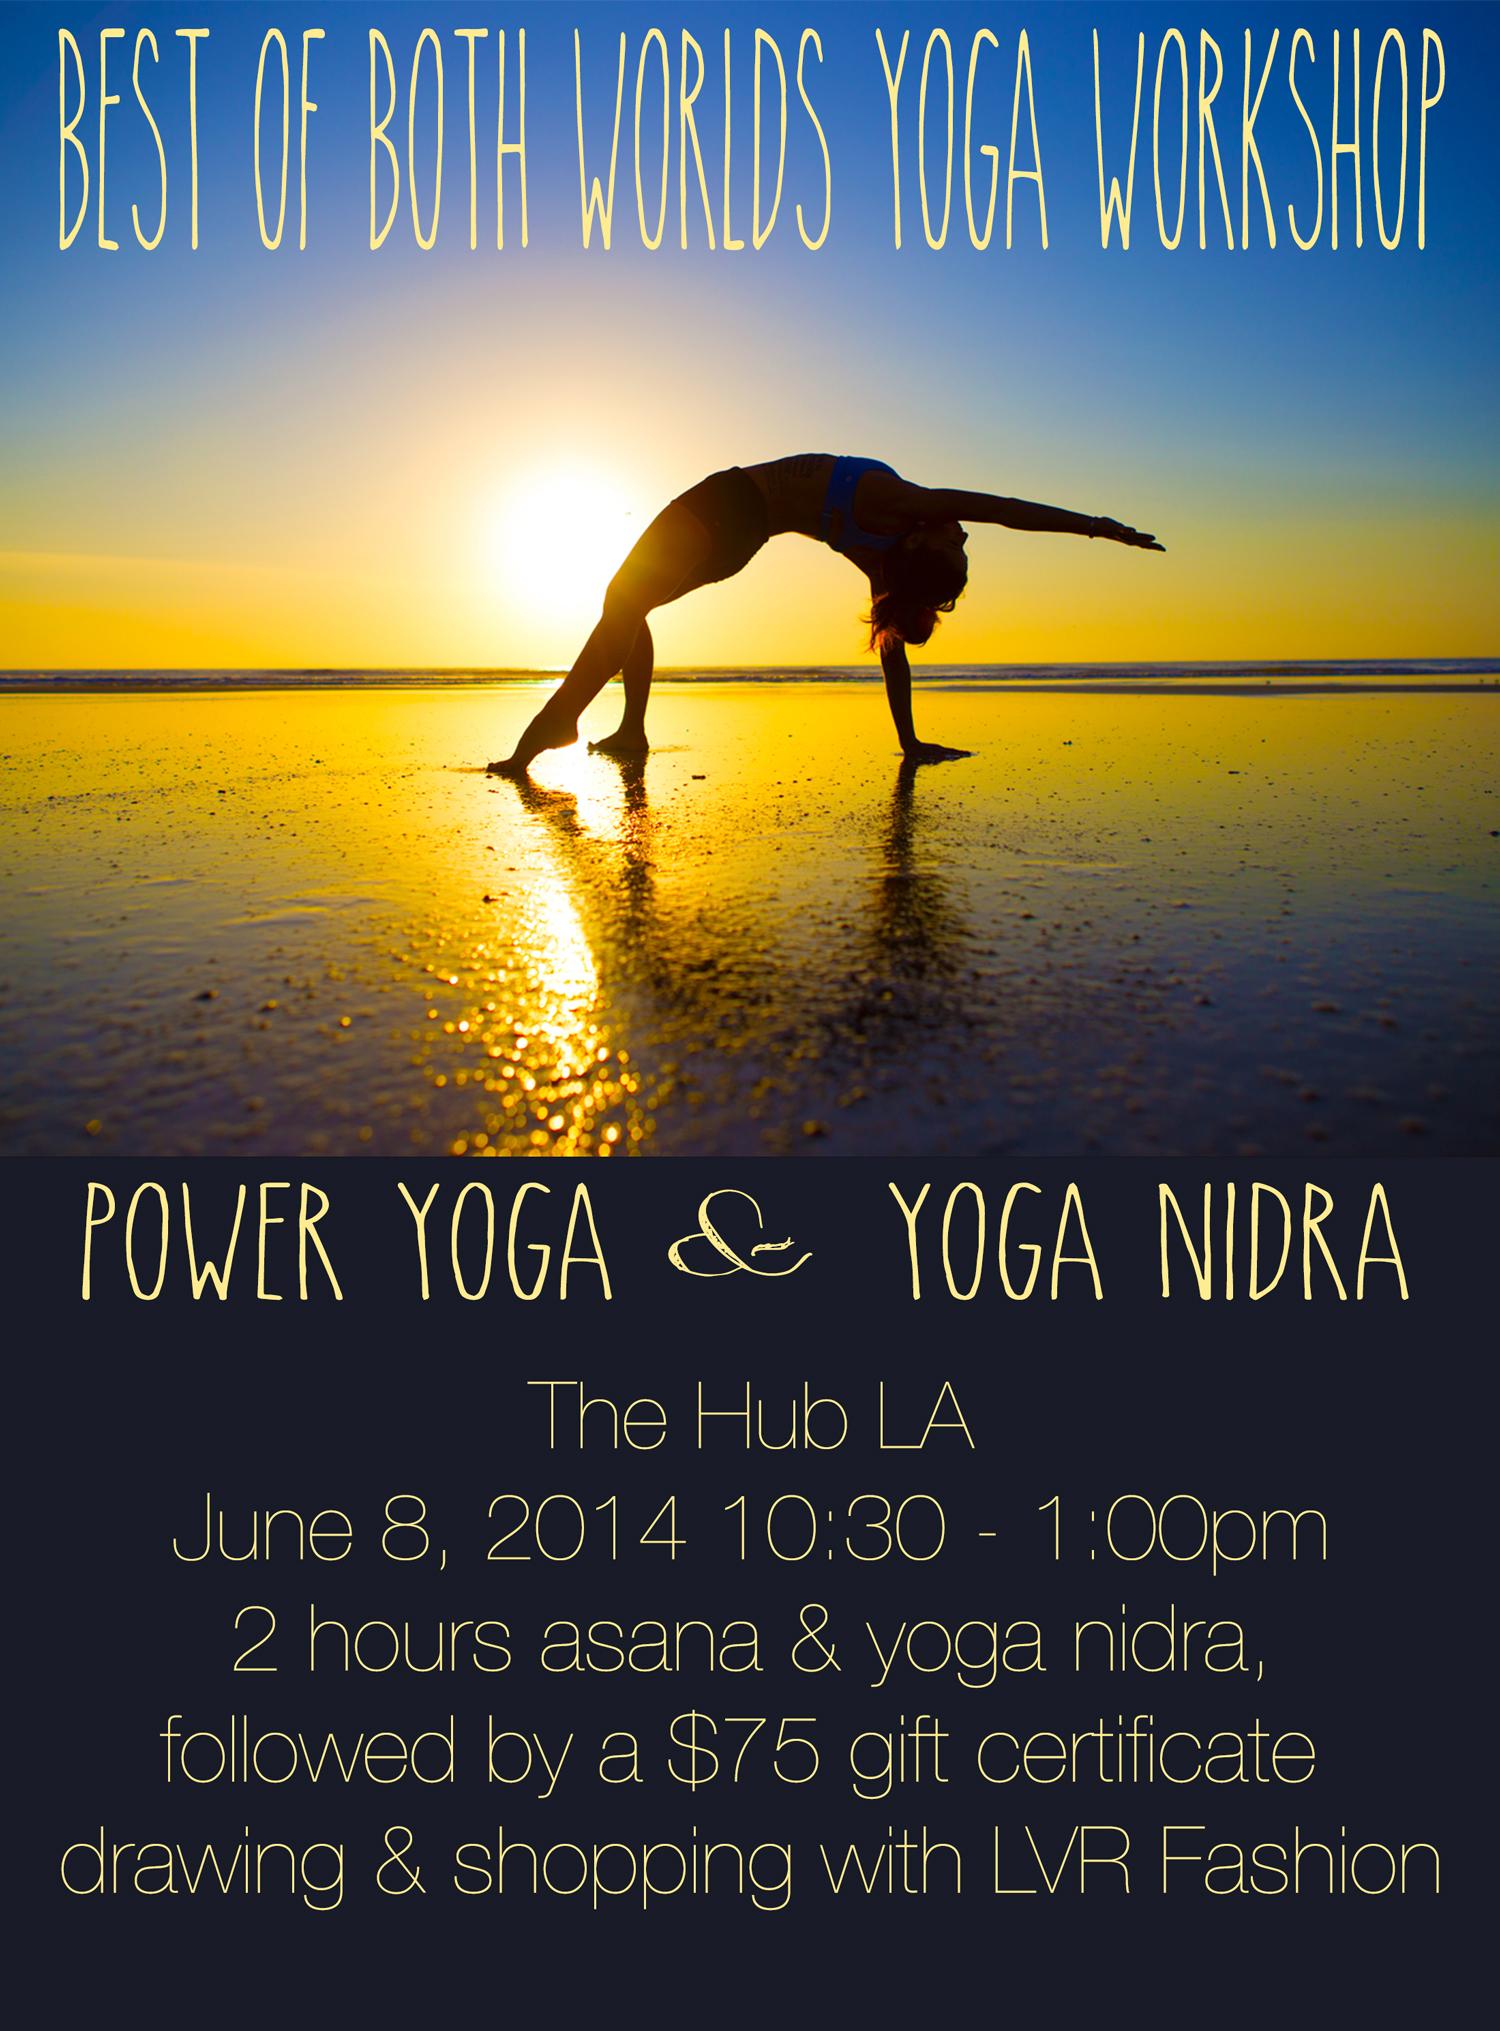 Yoga workshop in Los Angeles